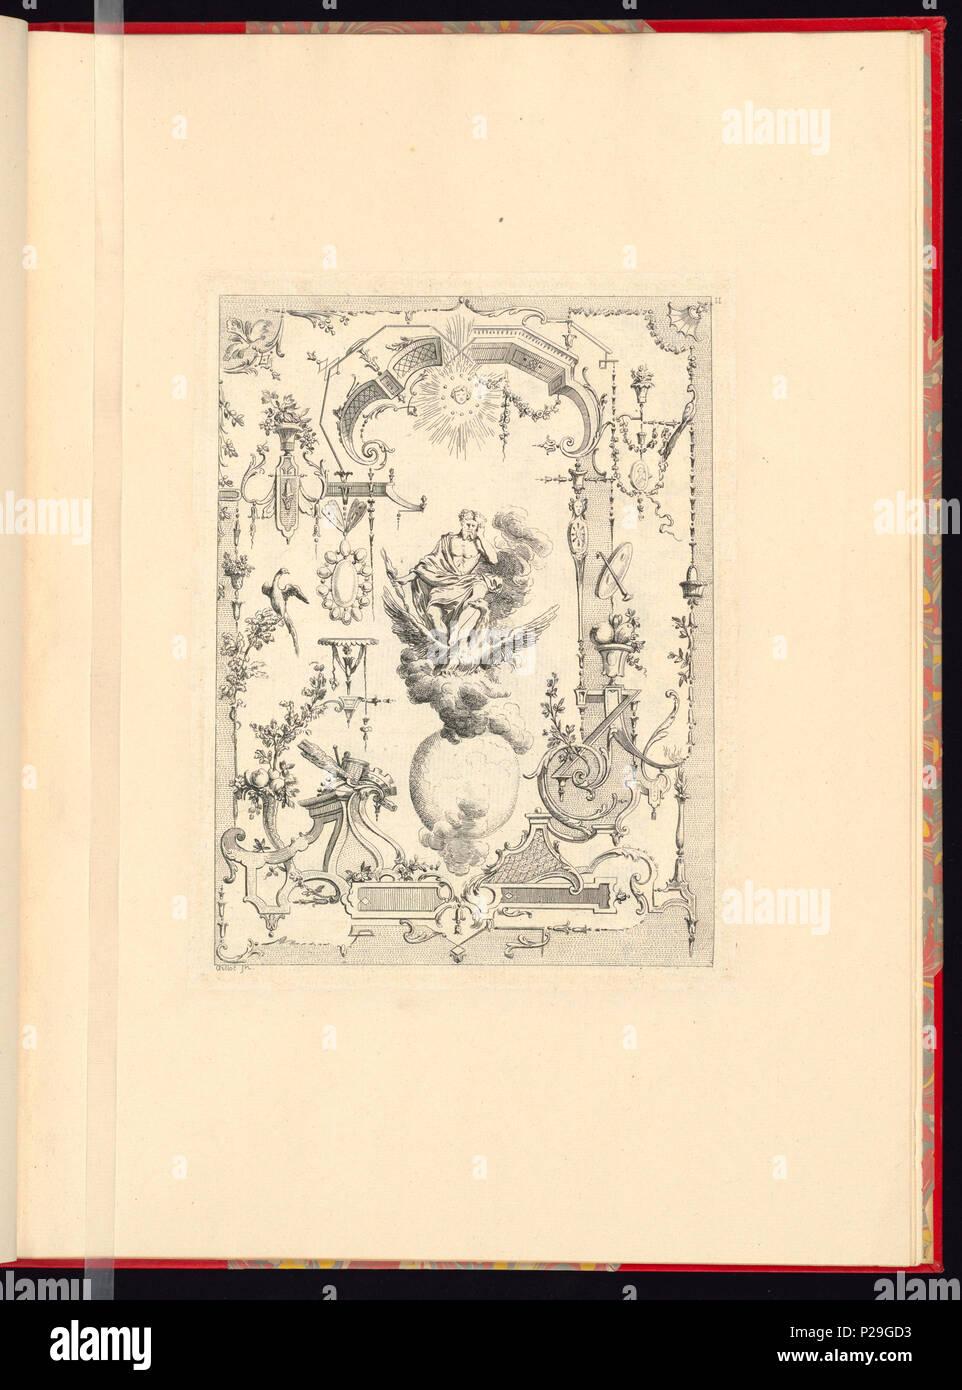 268 Imprimir, Nouveau livre de principes d'ornements particulièrement pour trouver ONU nombre infini de tormes qui dependiente, d'après les dessins de Gillot. Peintre du Roy gravé par Huquier; pl. 11 (CH) 18272717 Foto de stock